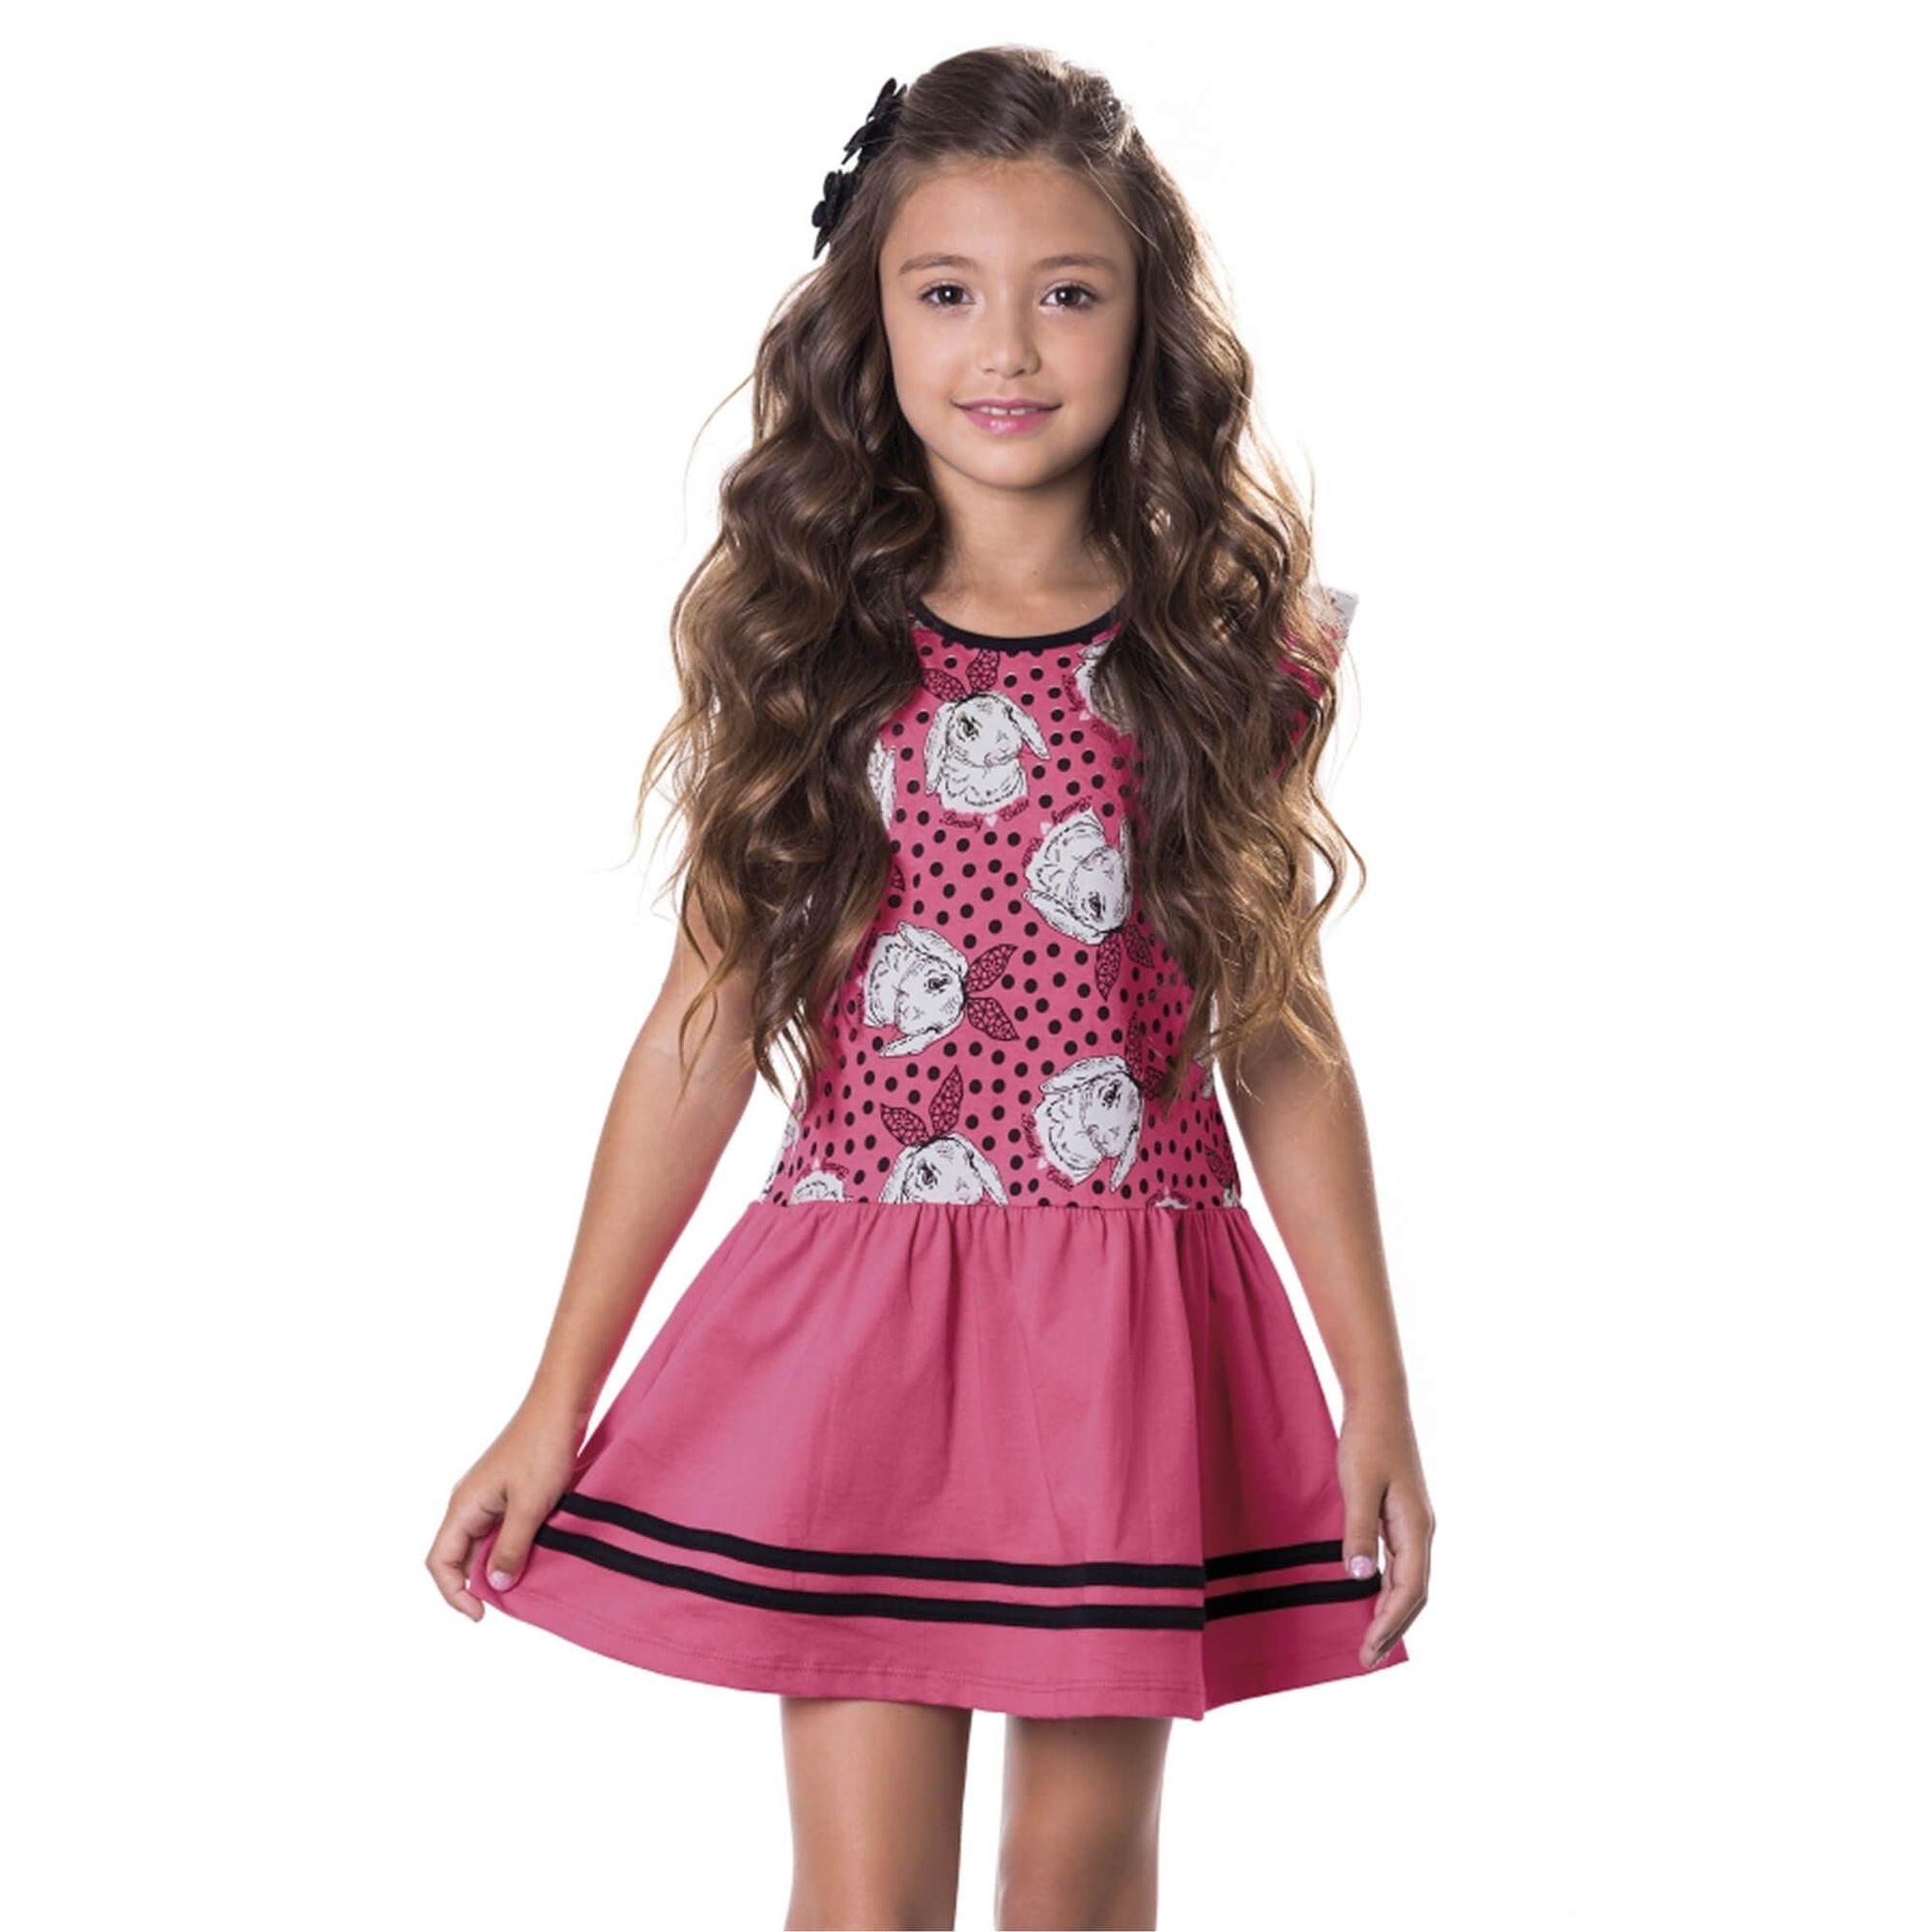 ced2084ad7d158 Vestido Infantil Estampado Melancias Ninali - Roupas para Meninas na ...